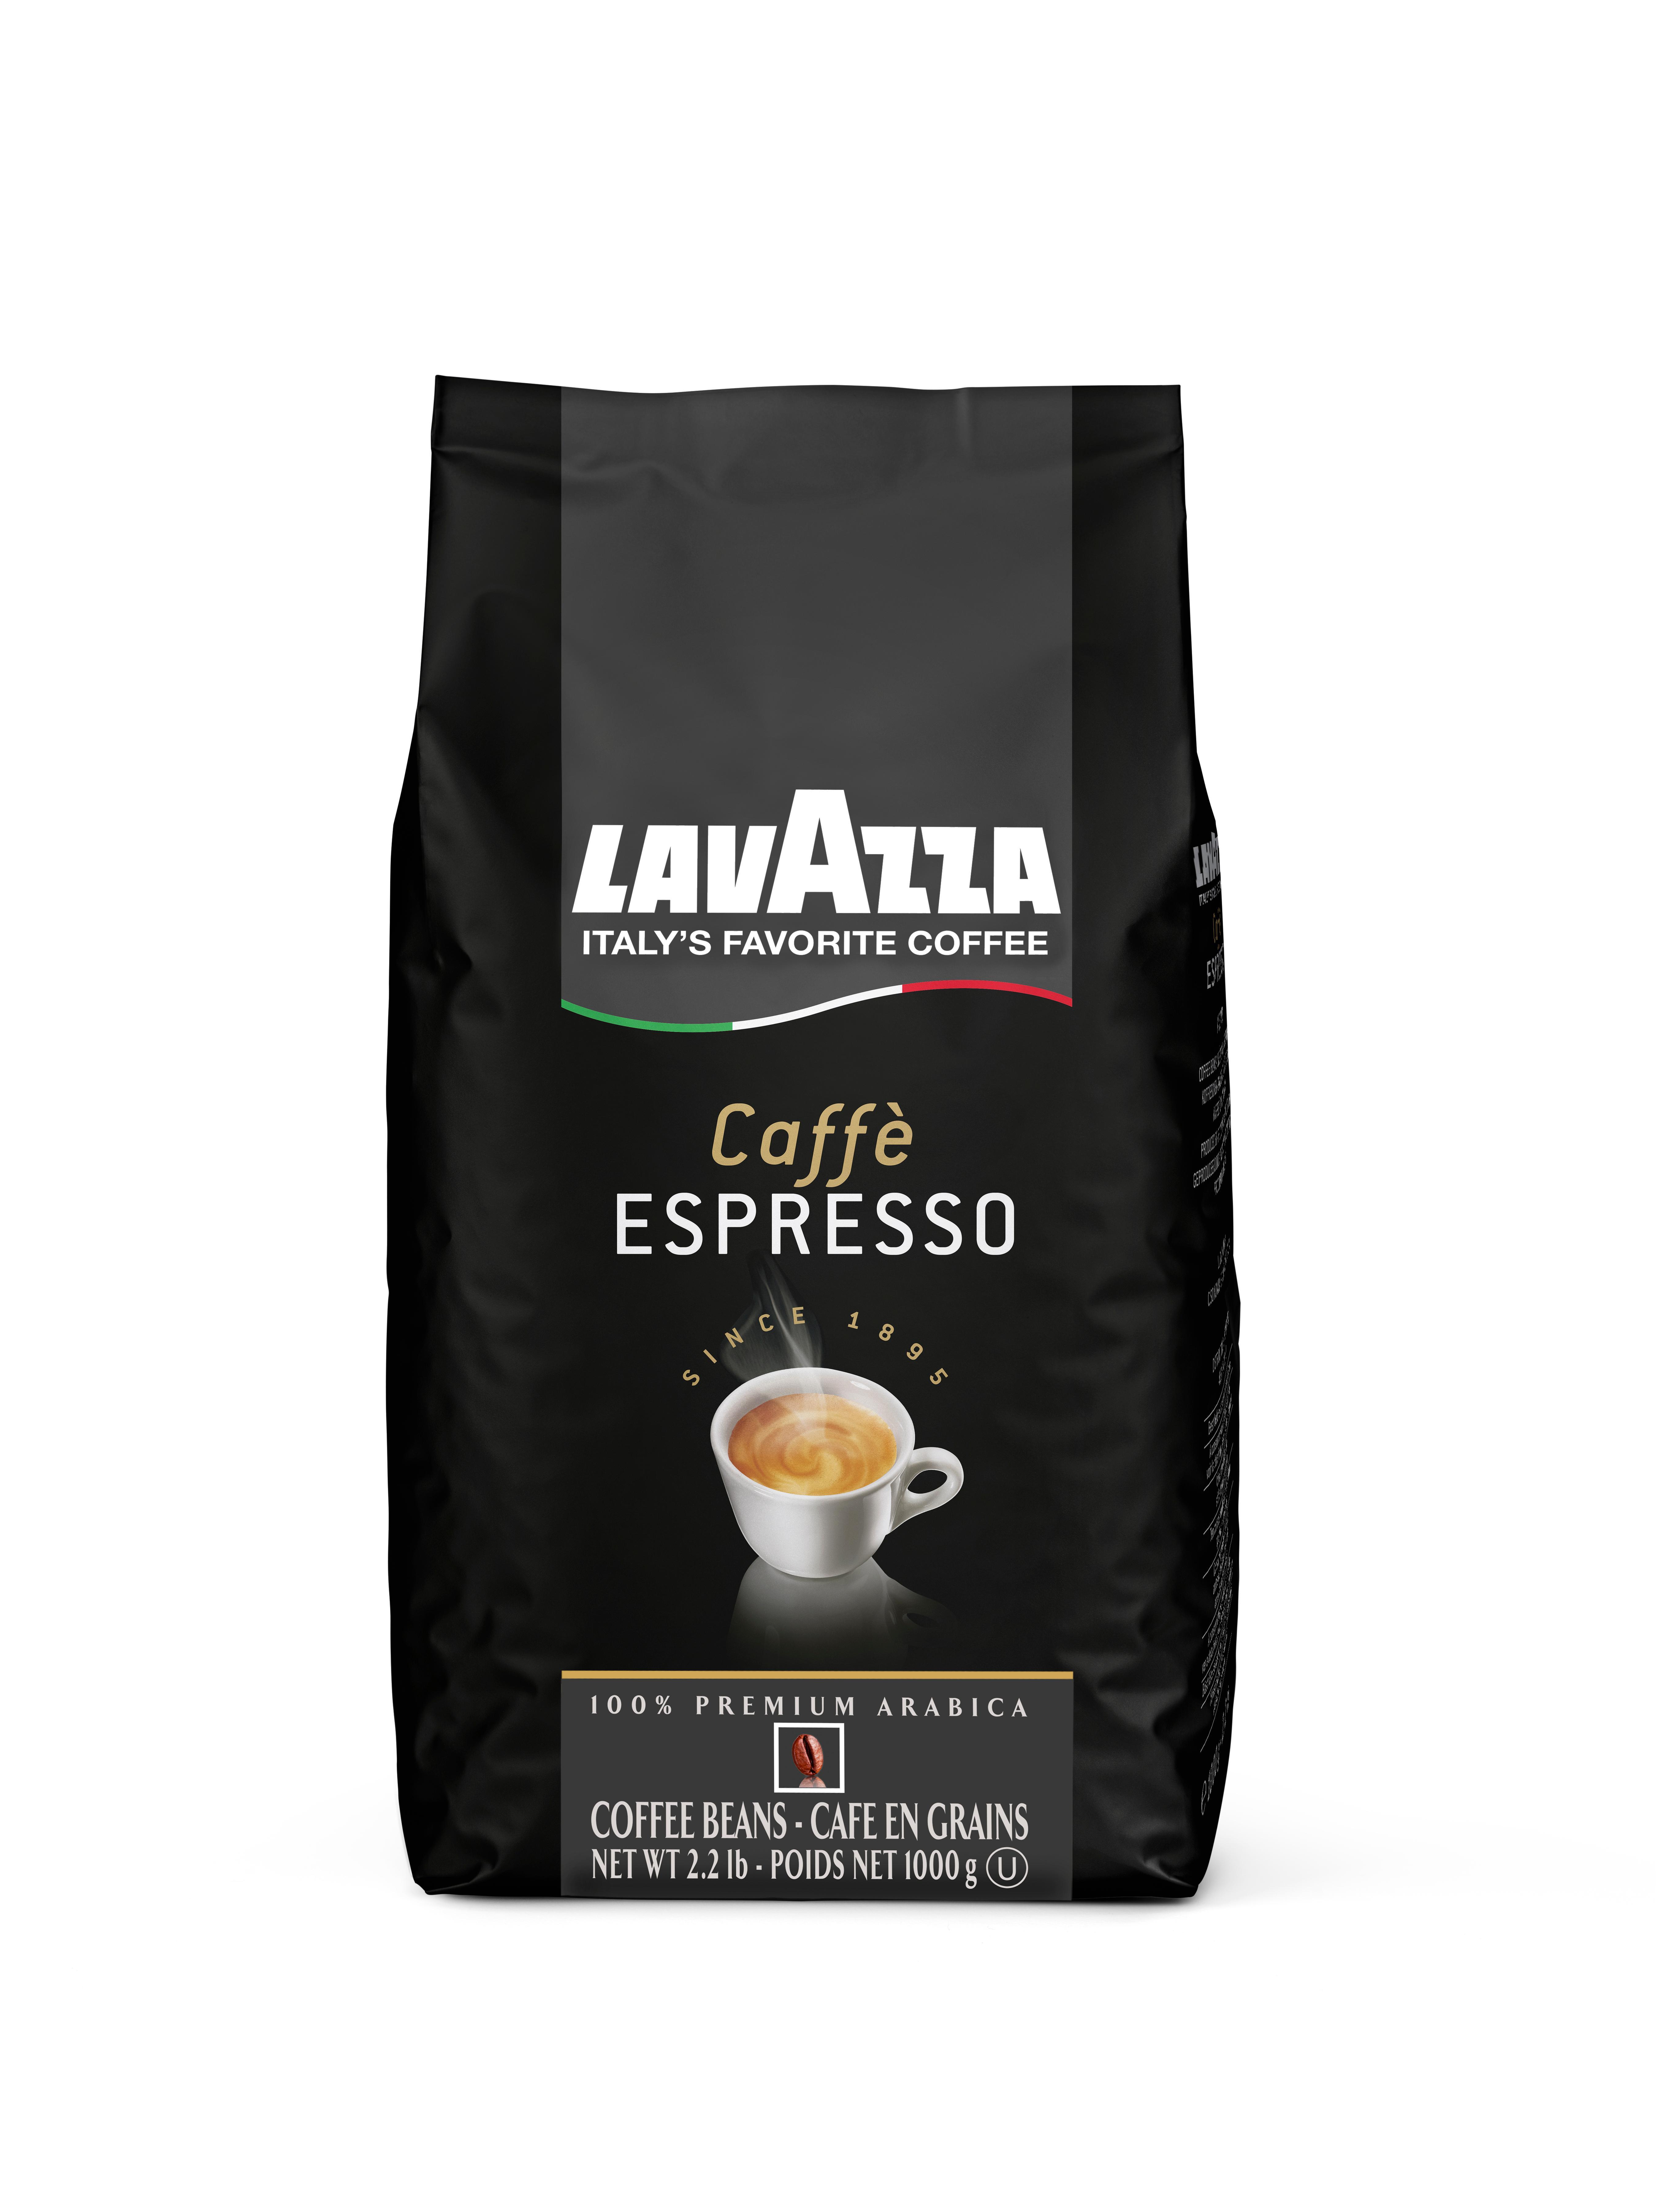 Amazon.com : Lavazza Caffe Espresso 100% Premium Arabic ...